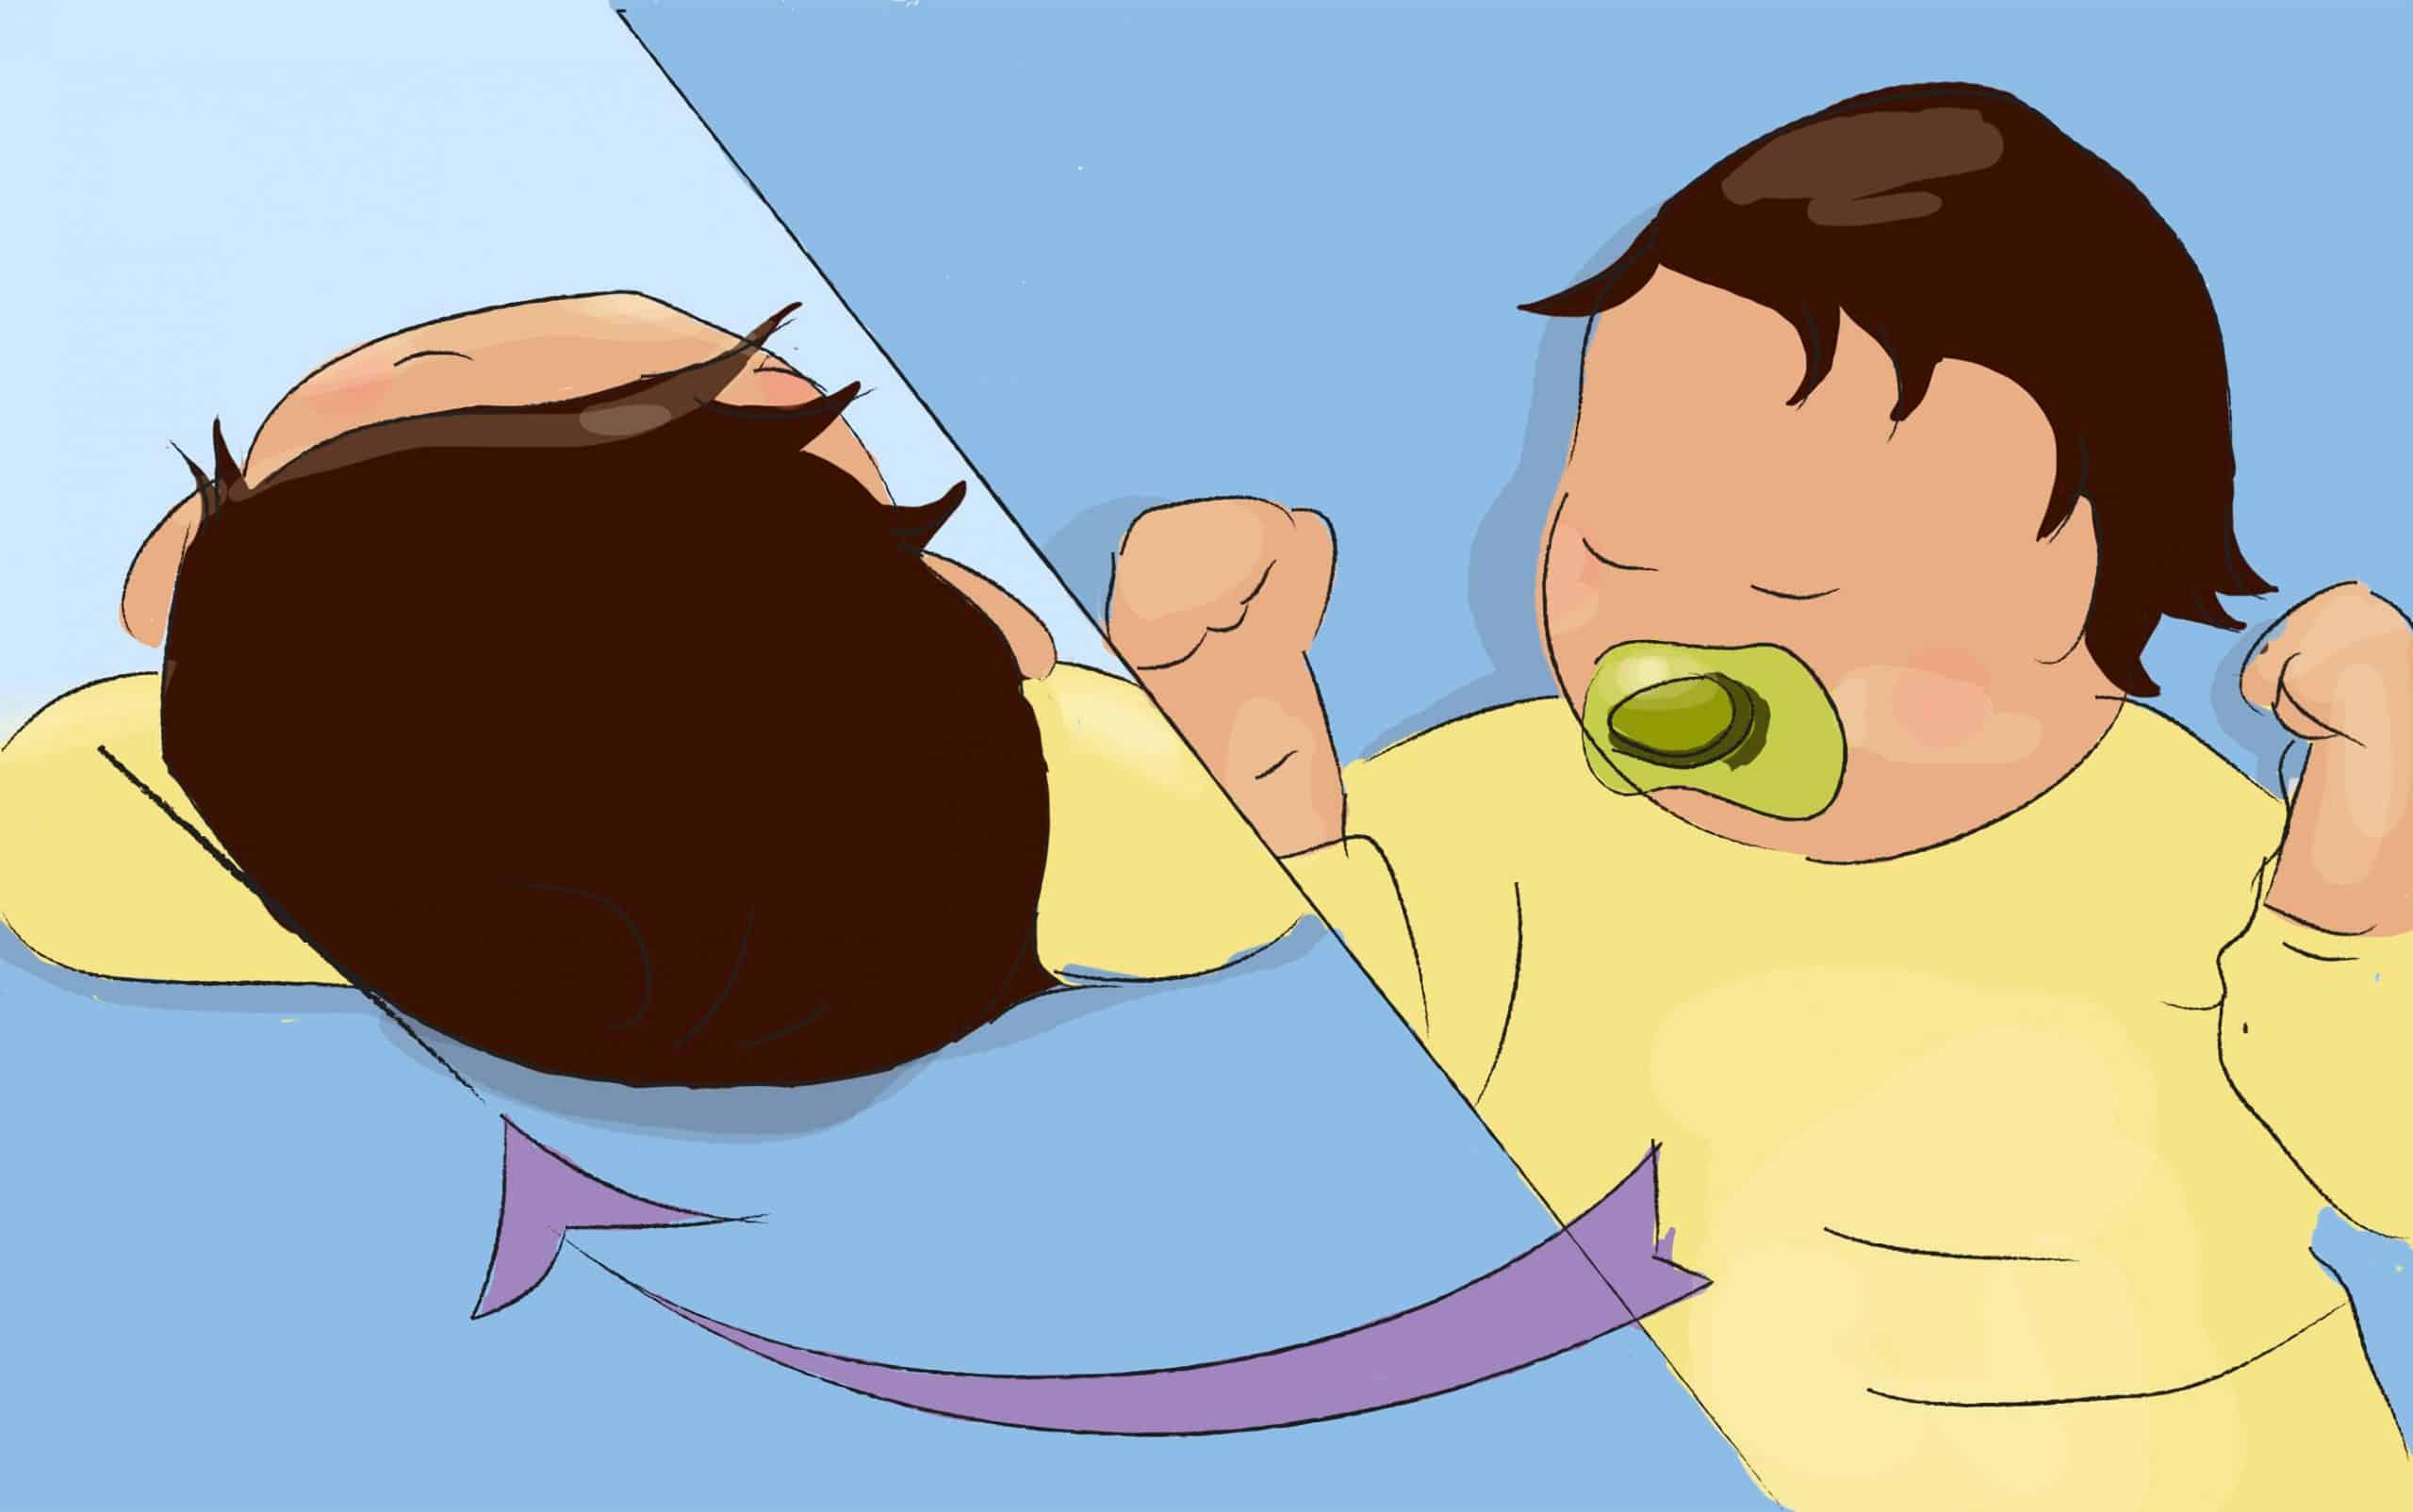 שכיבה ממושכת על הגב עשויה לגרום לאיזור שטוח באחורי הגולגולת